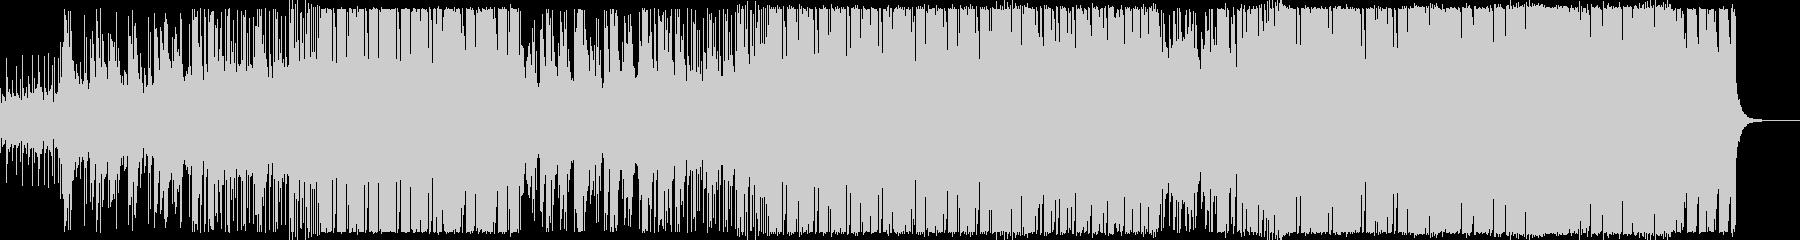 シンセチックで機械的なファンクの未再生の波形